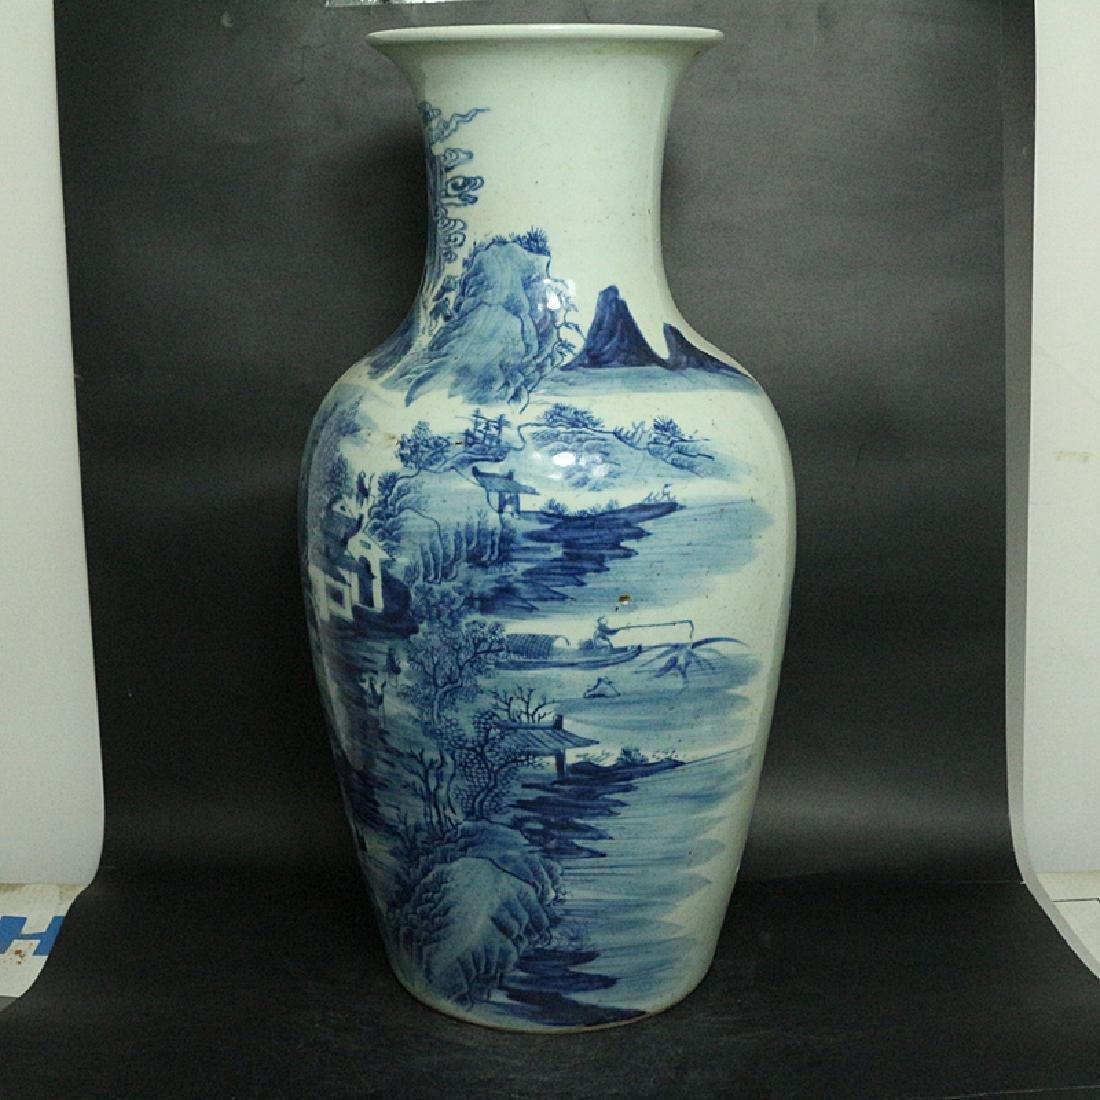 Chinese Qing Dynasty Blue & White Glazed Porcelain Vase - 3